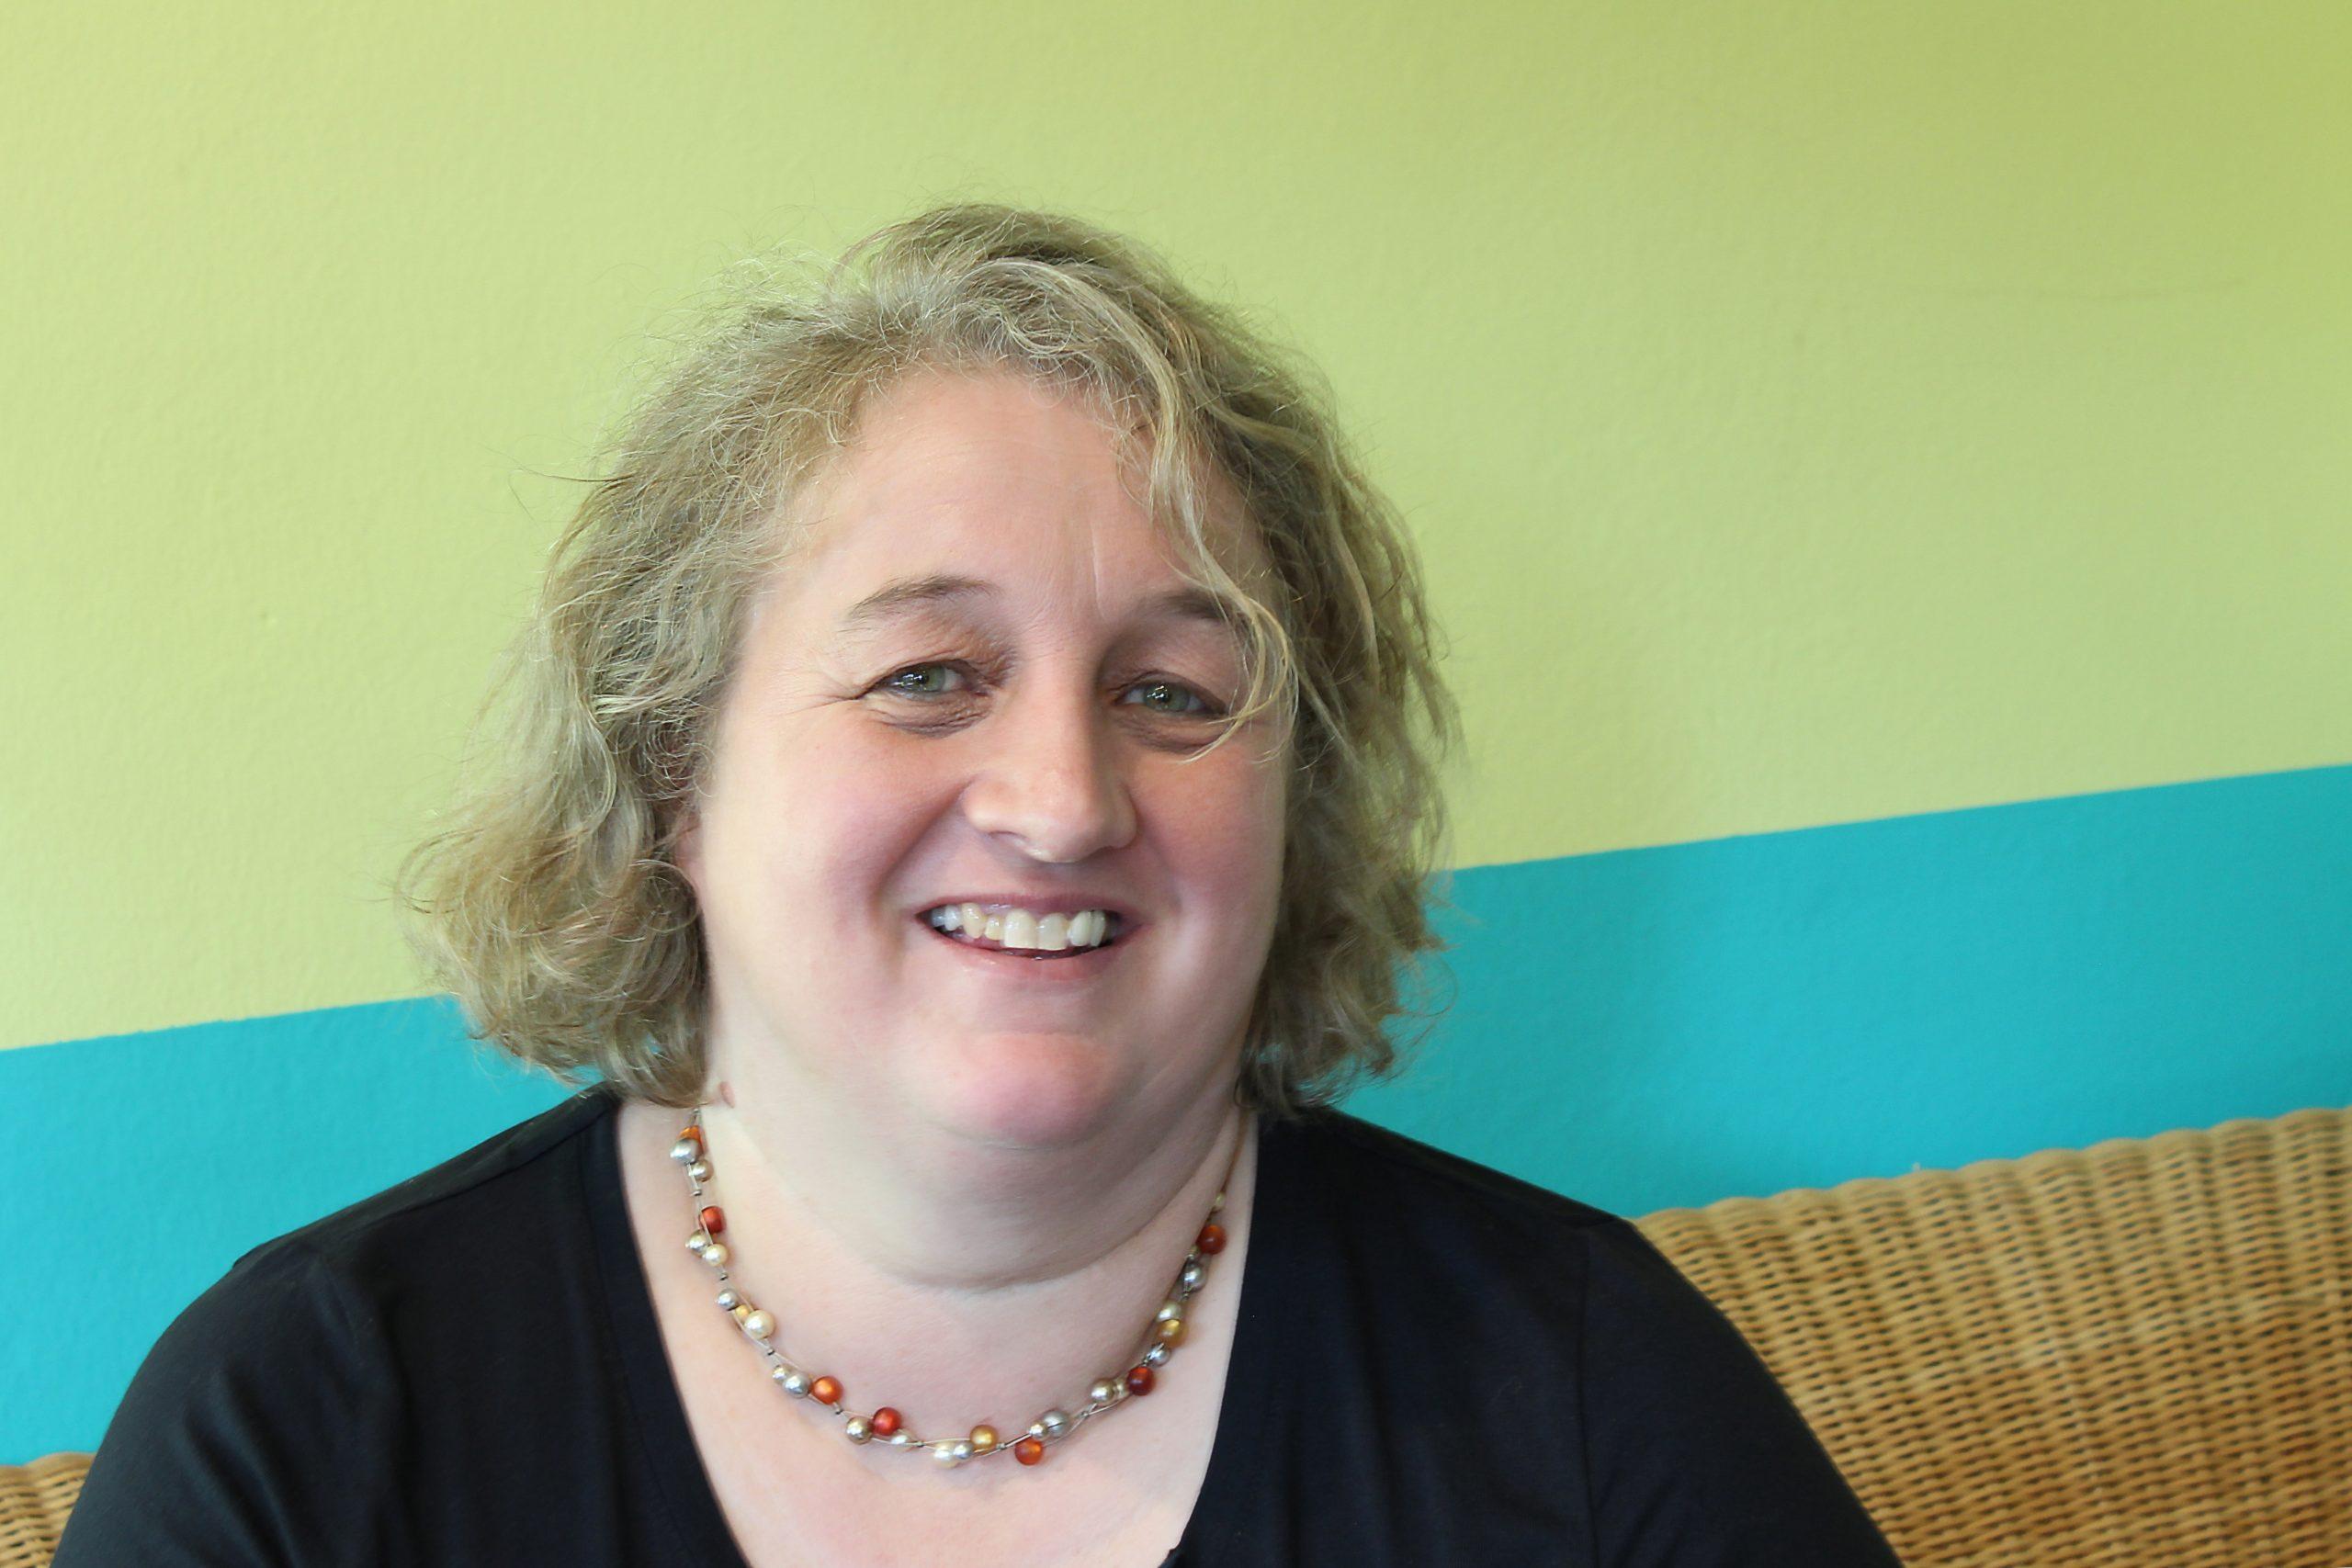 Rosemarie Pösl sitzt lächelnd auf einem Stuhl